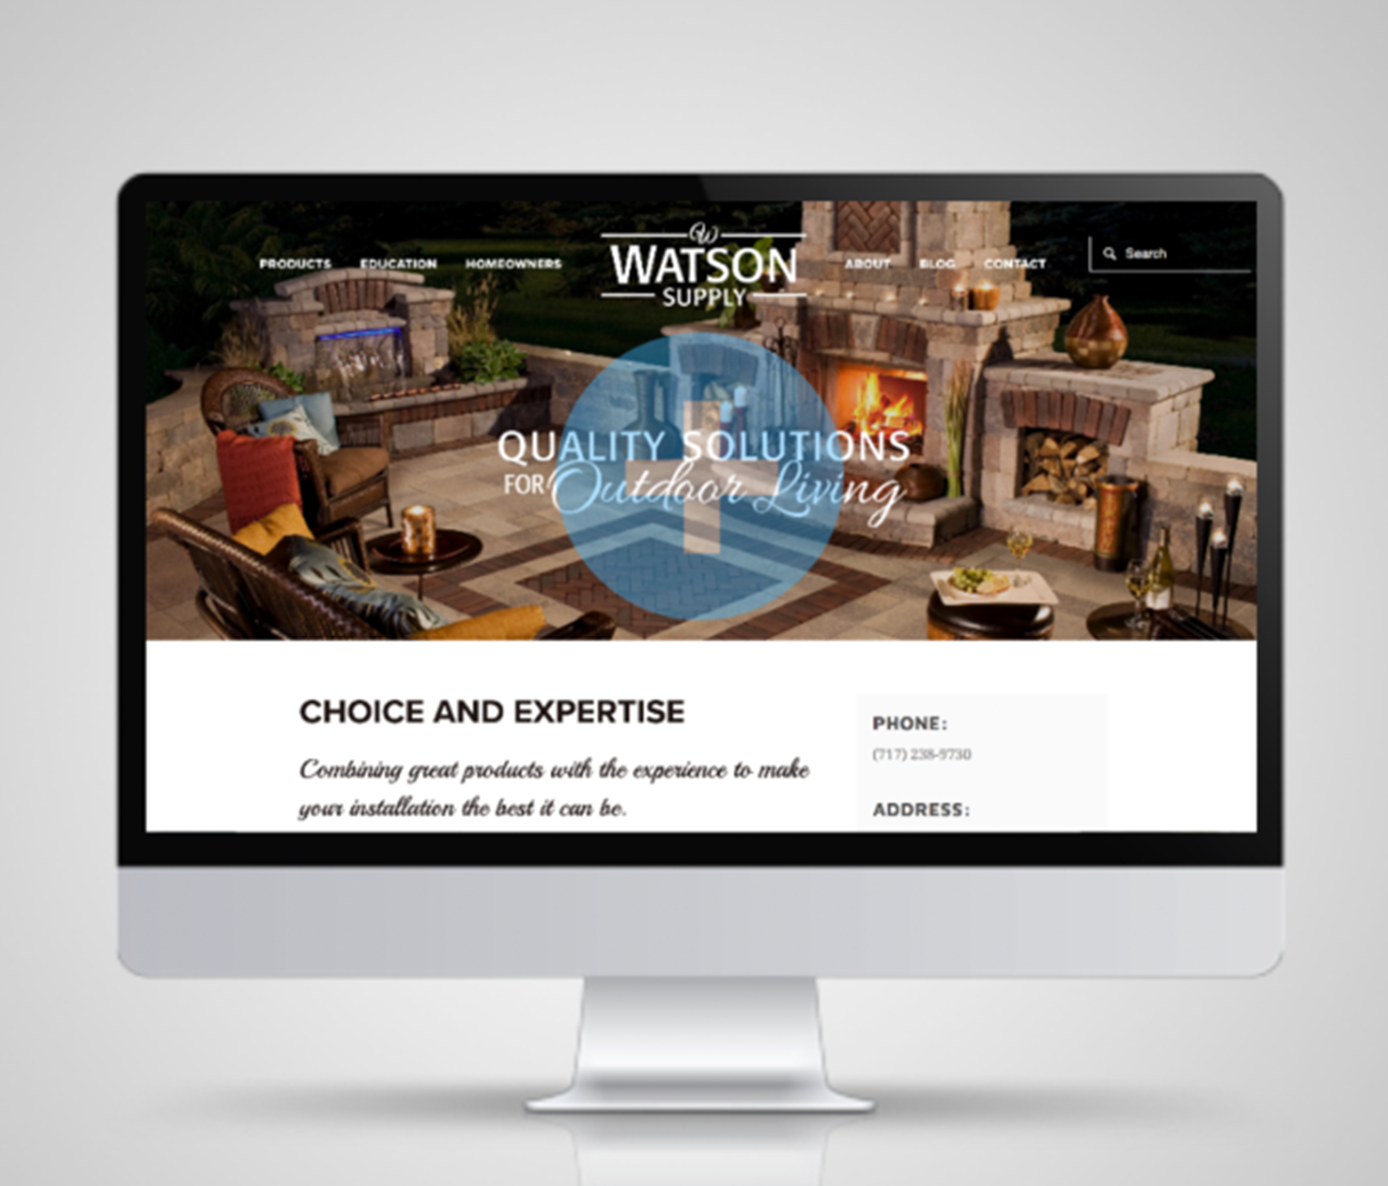 Watson Supply